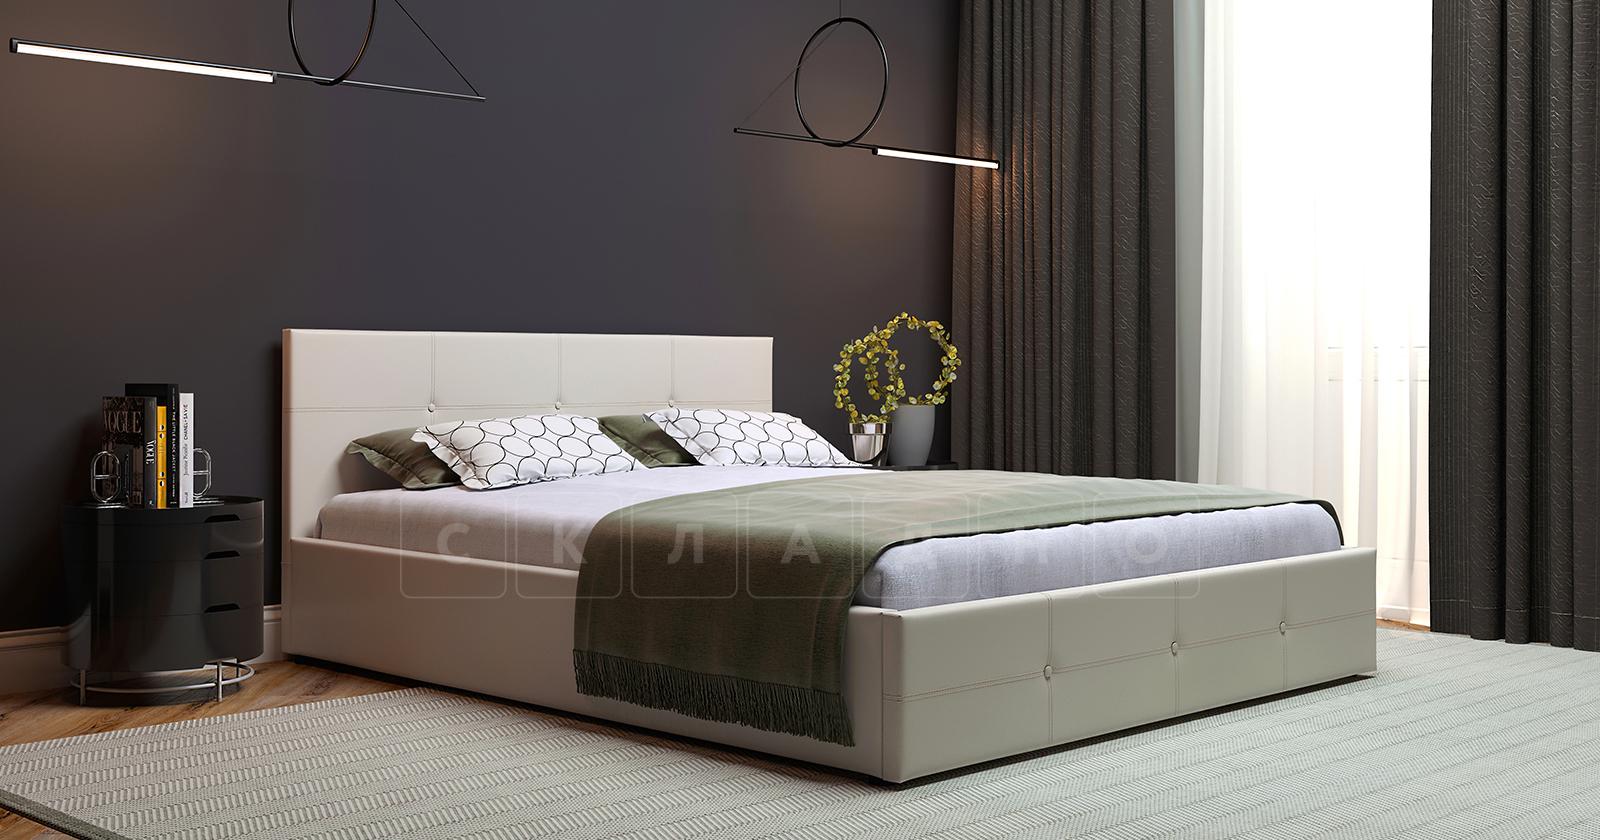 Мягкая кровать Синди 160 см бежевый с подъемным механизмом фото 5 | интернет-магазин Складно